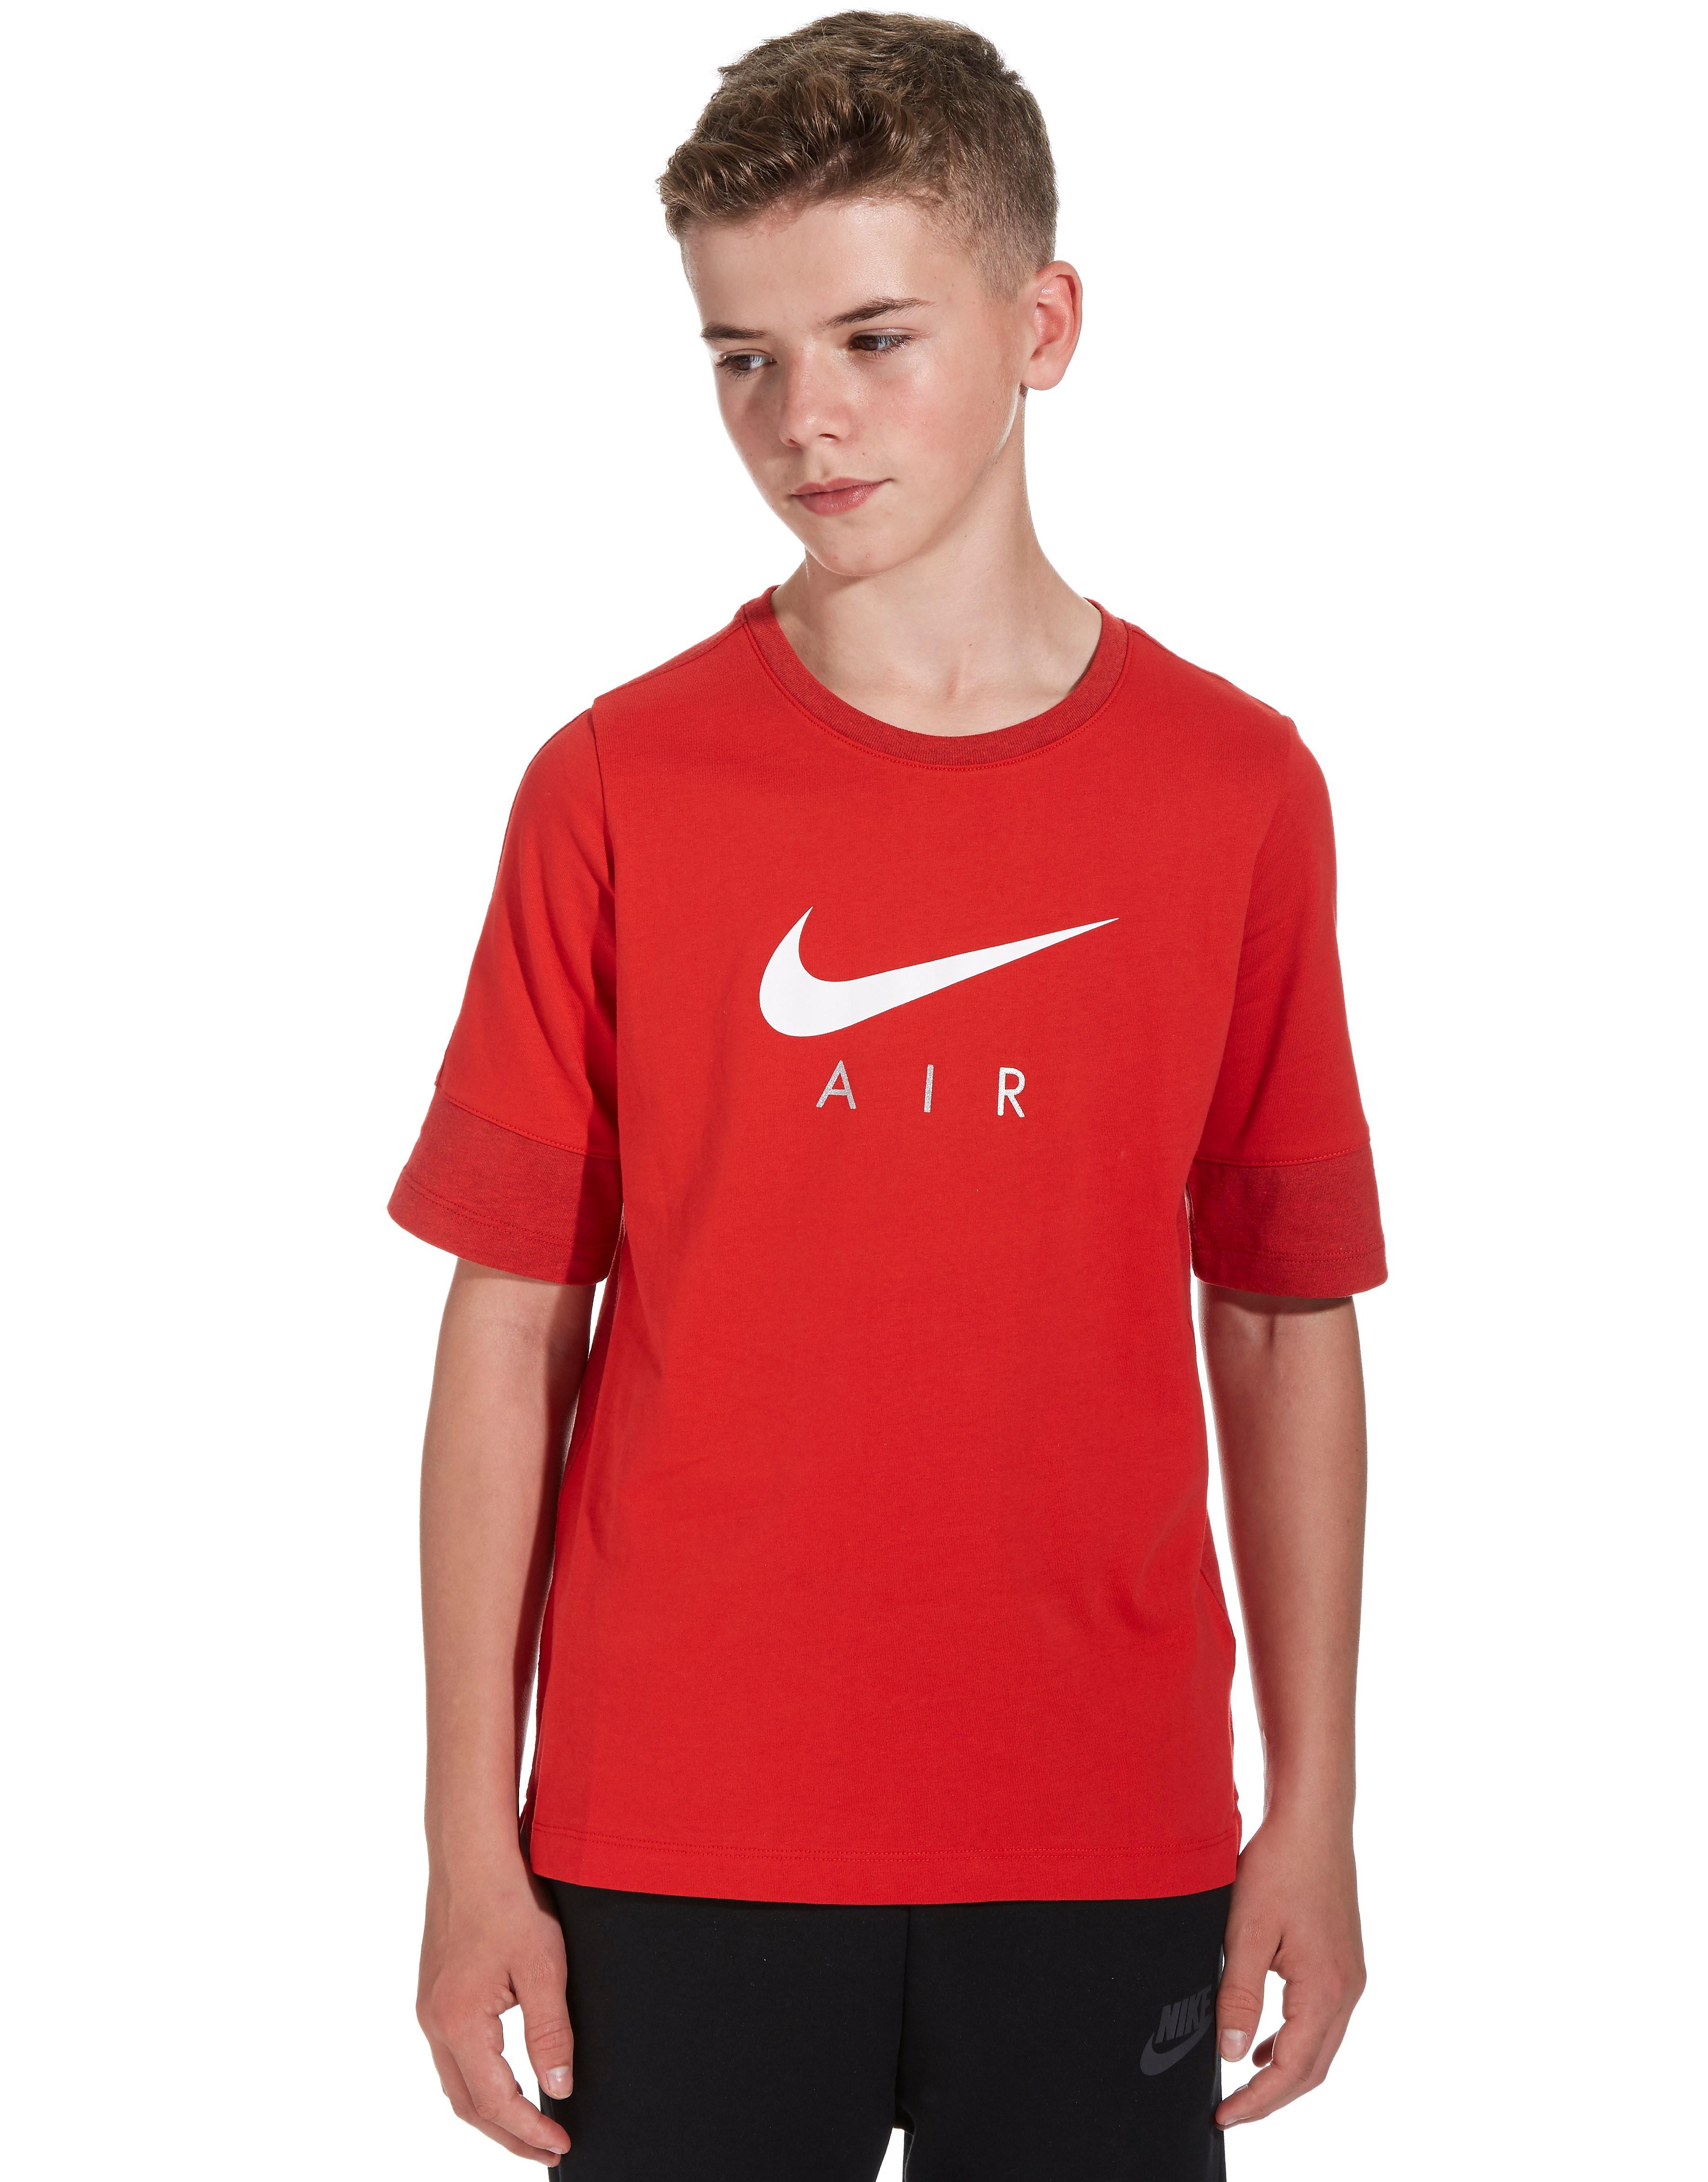 Nike Camiseta Air júnior